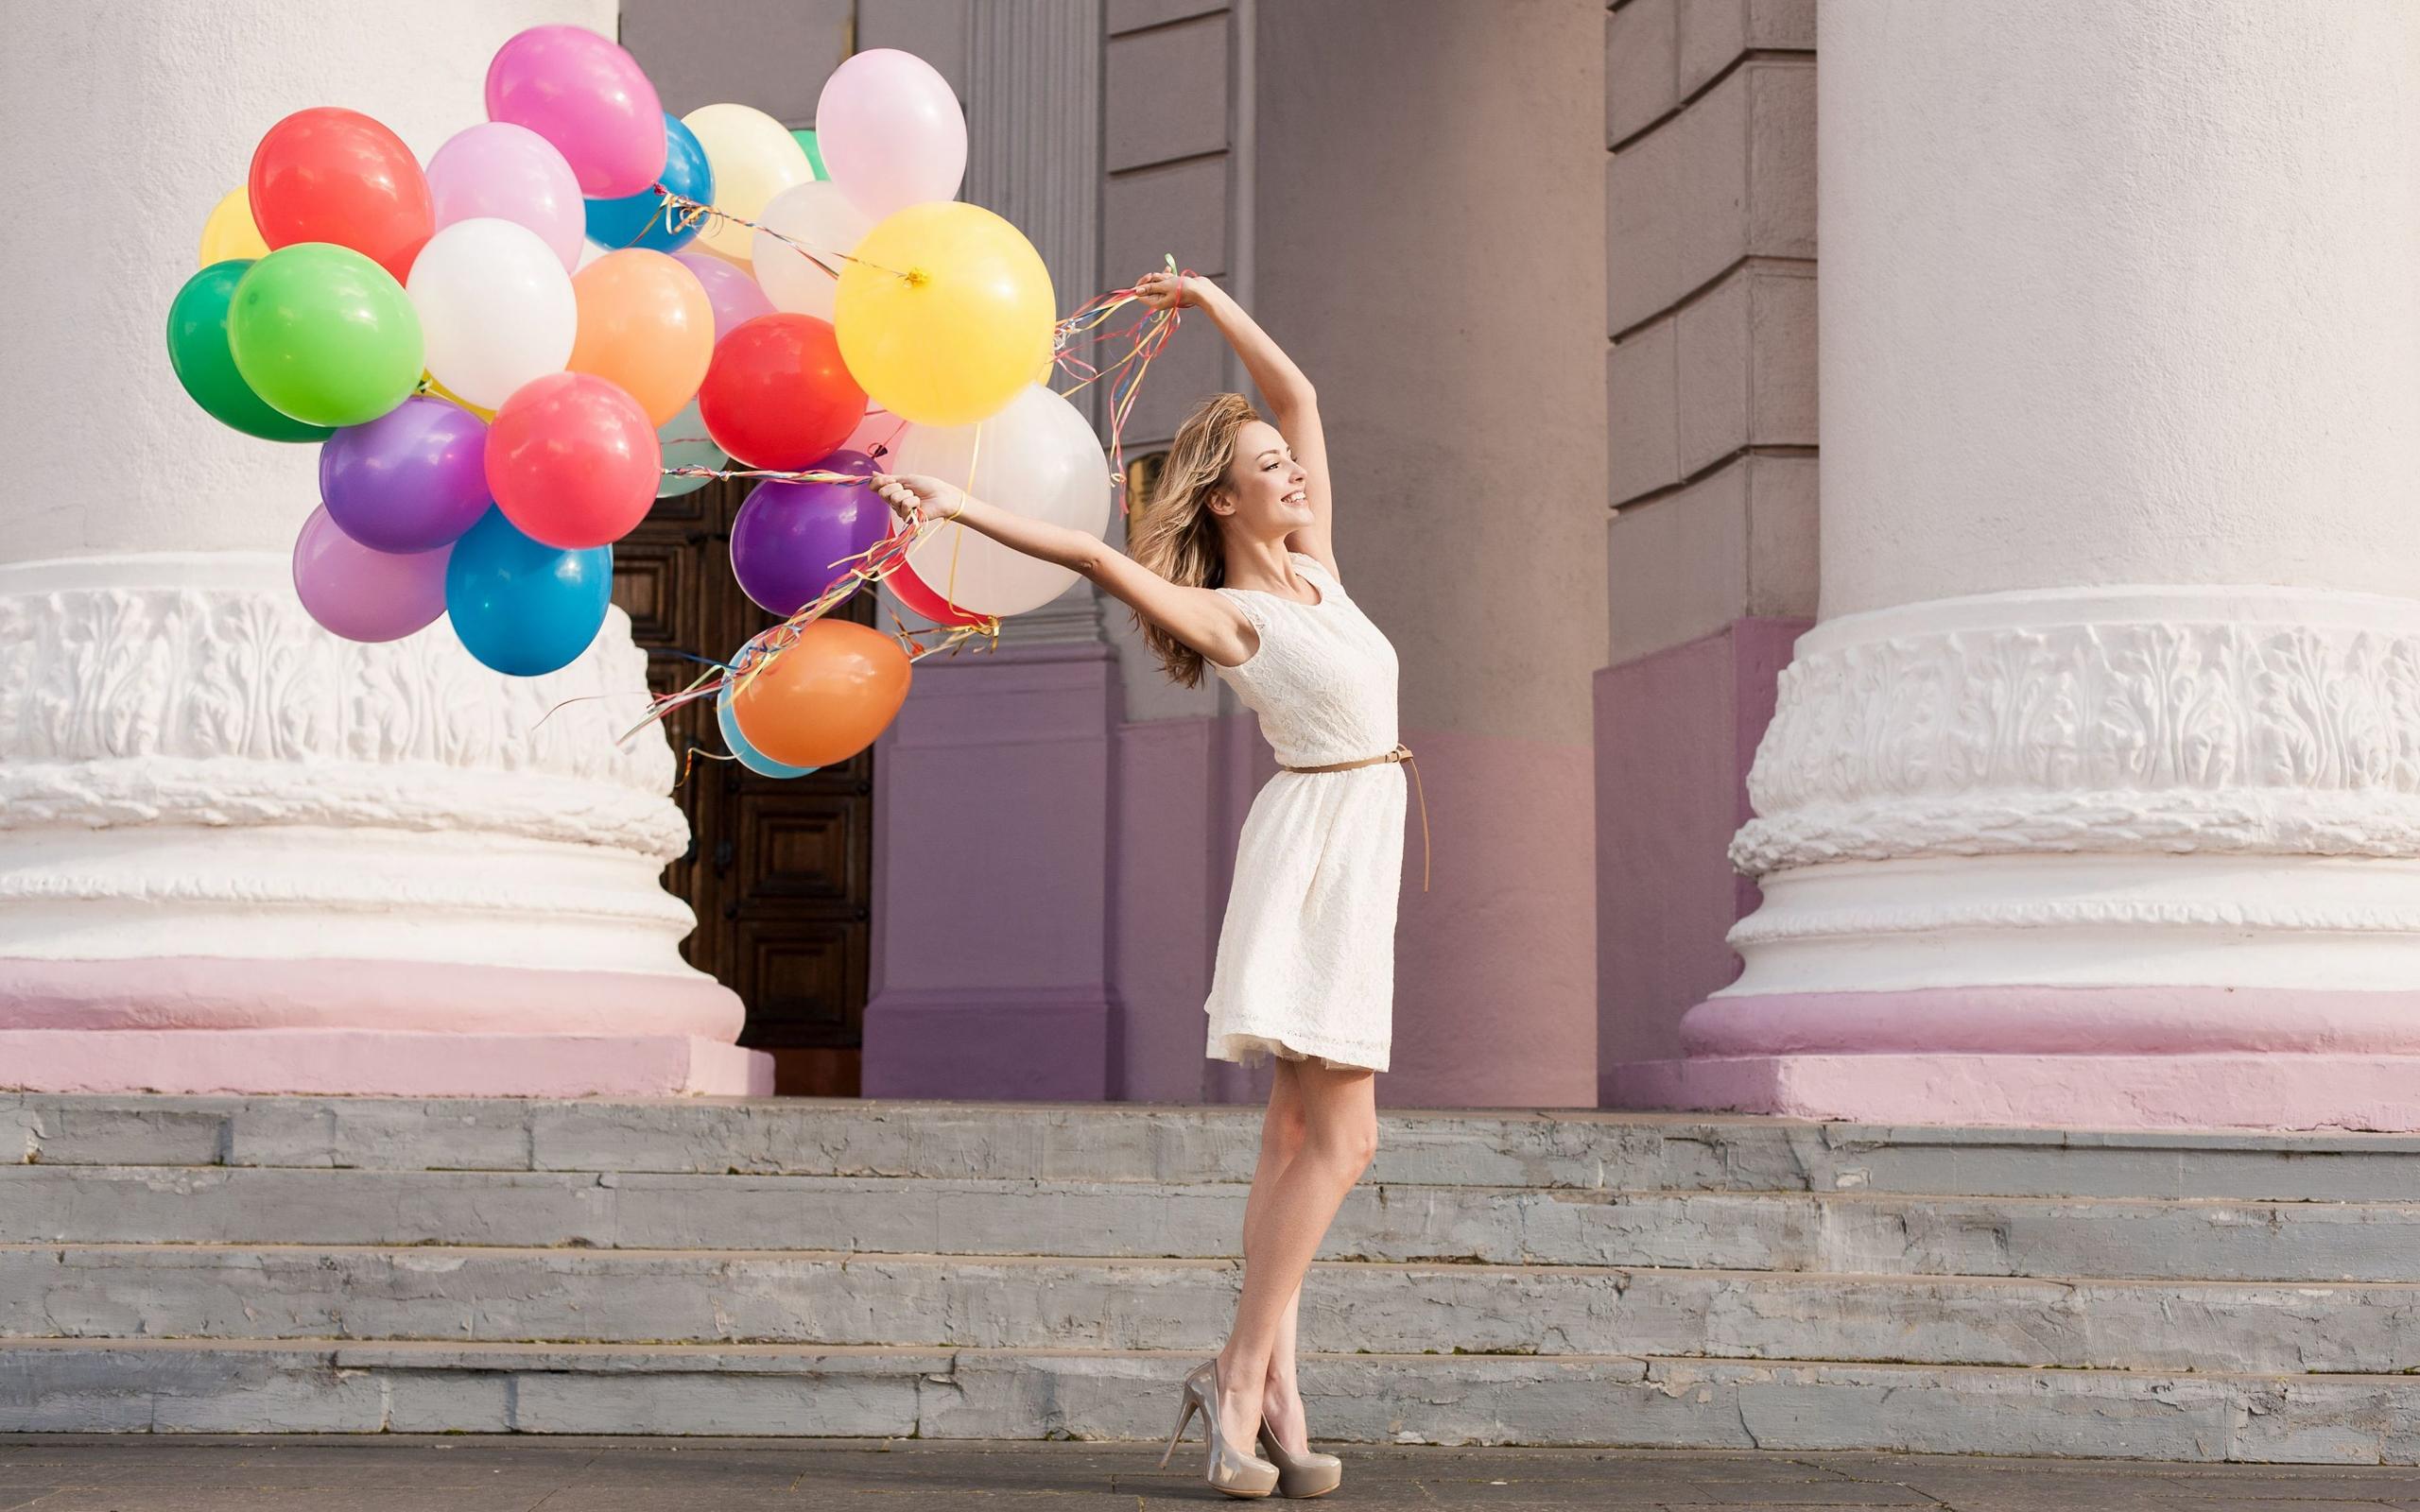 фото девушки с шариками воздушными